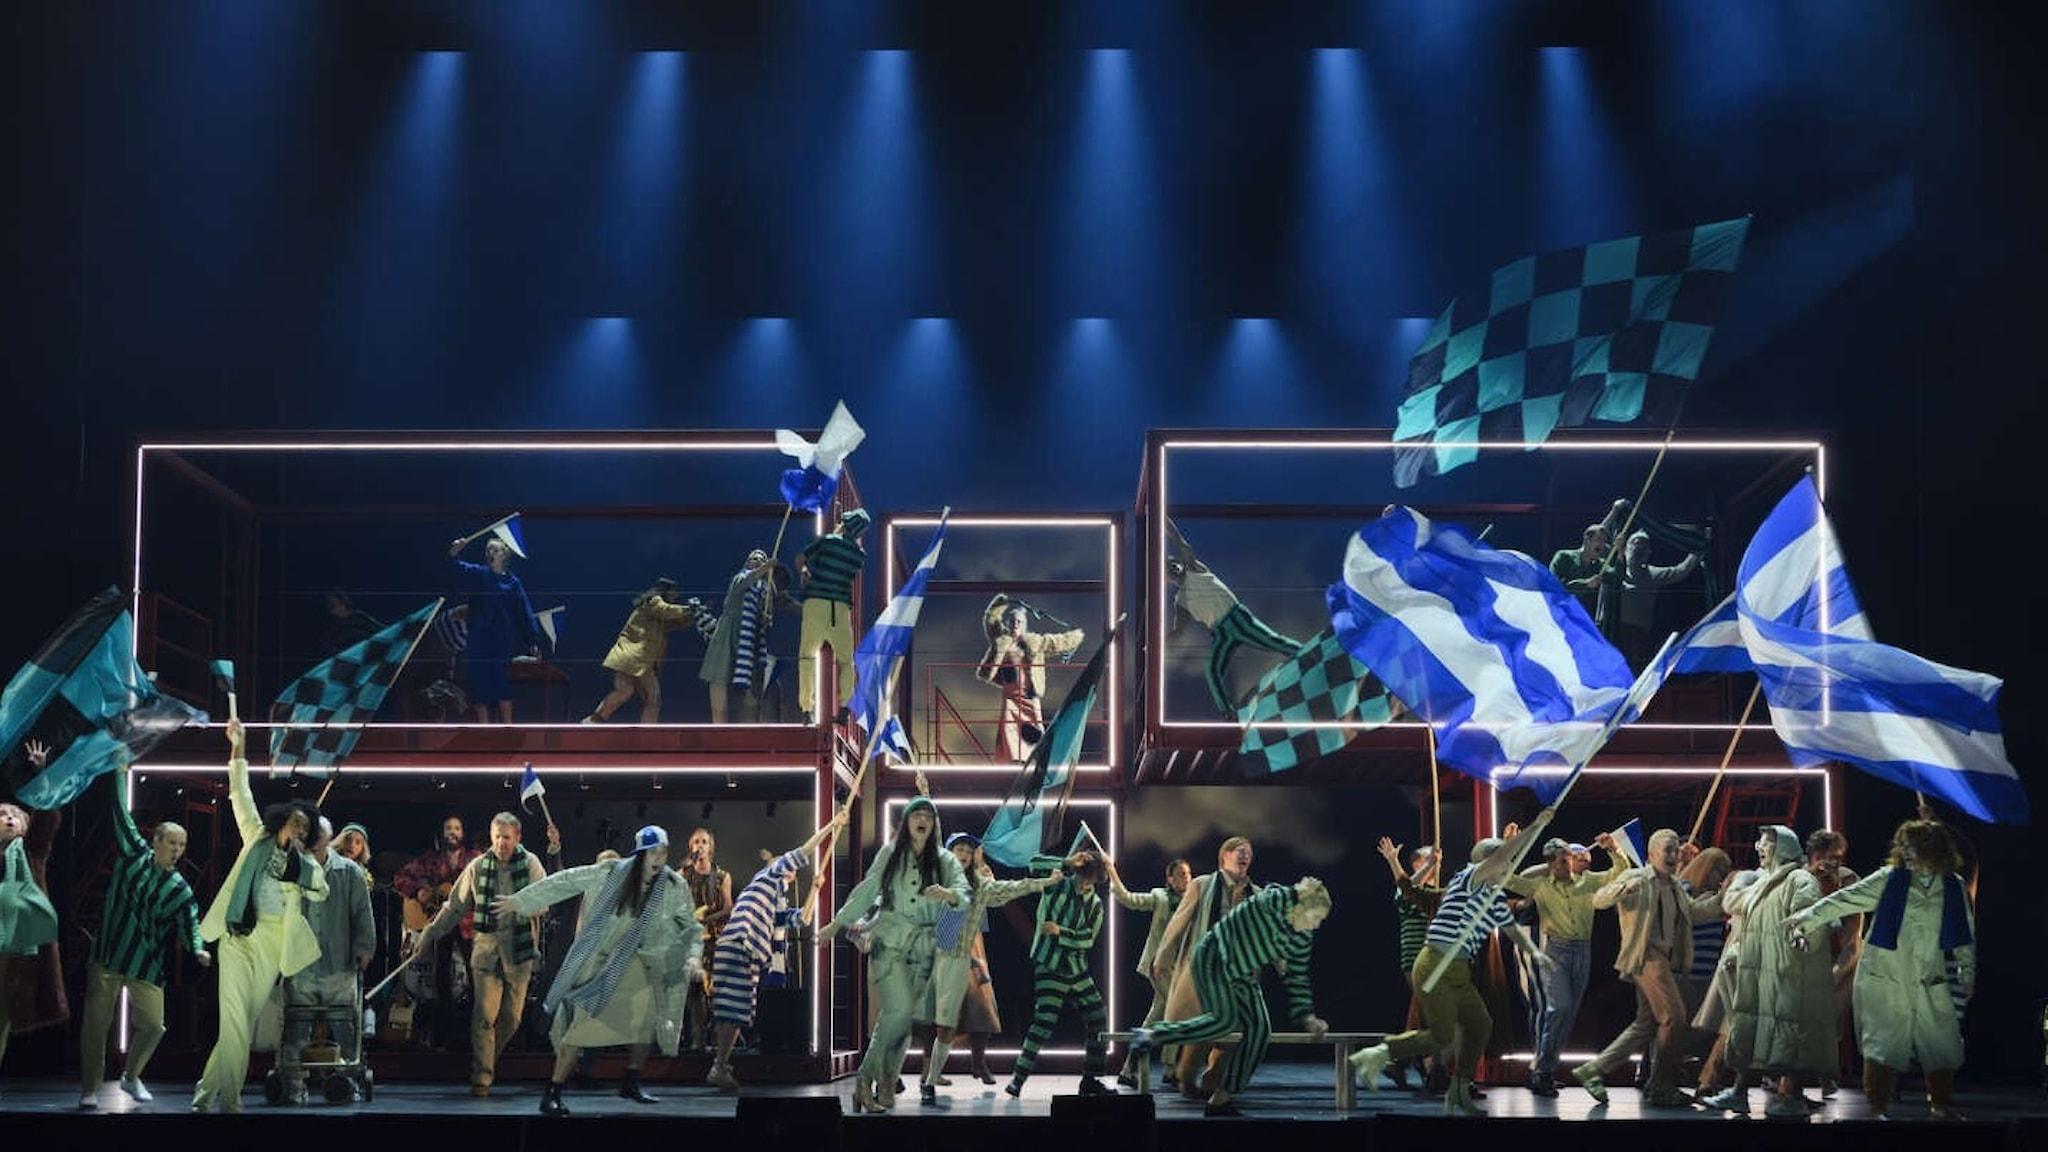 Sångare och dansare på scen med fotbollsflaggor